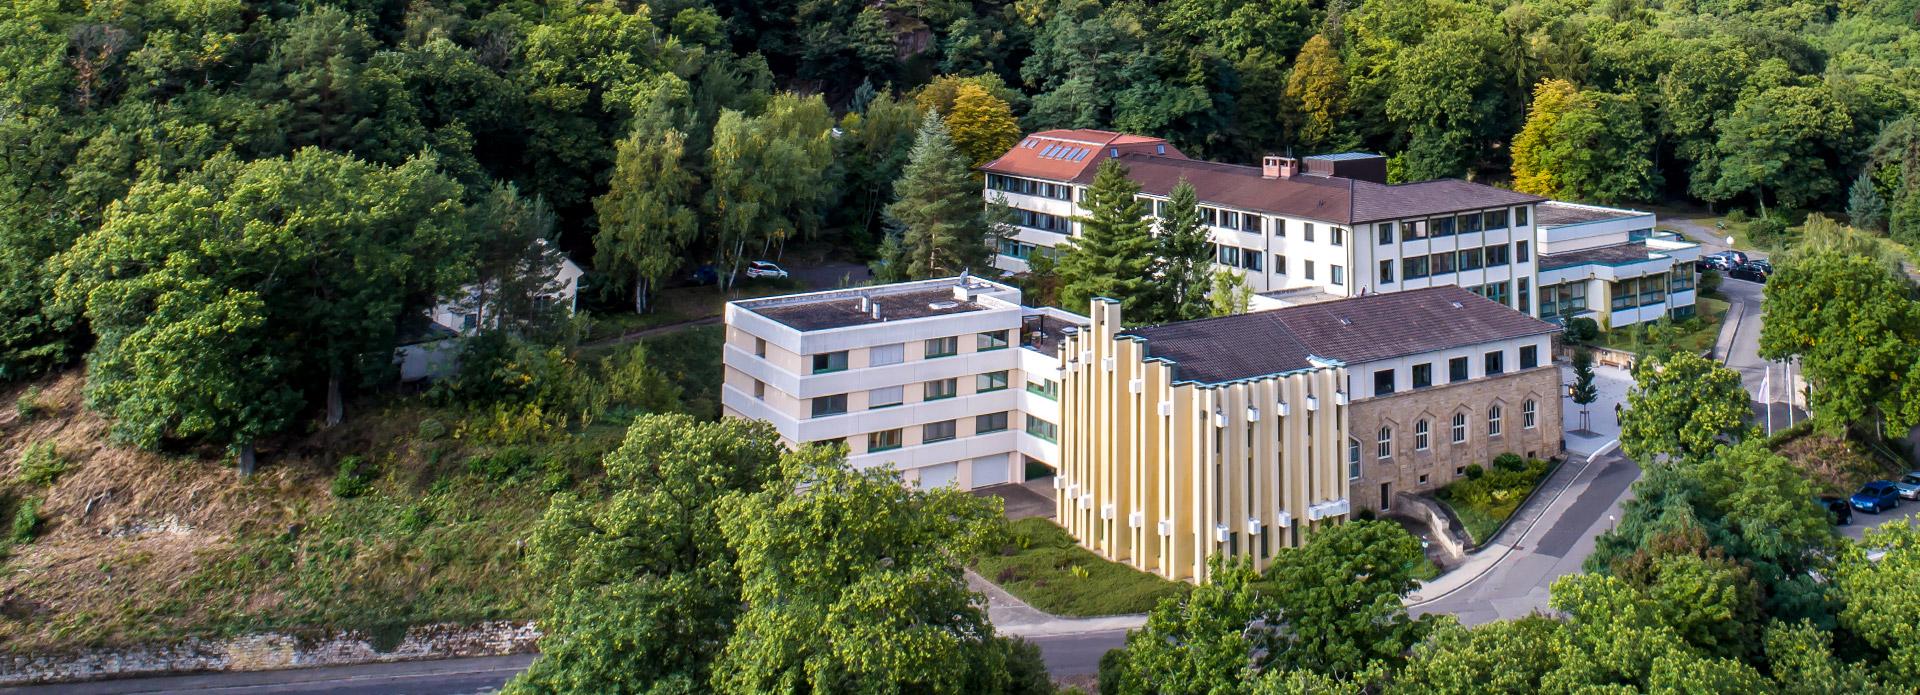 Leute kennenlernen neustadt weinstraße Gedenkstätte für NS-Opfer in Neustadt – Wikipedia